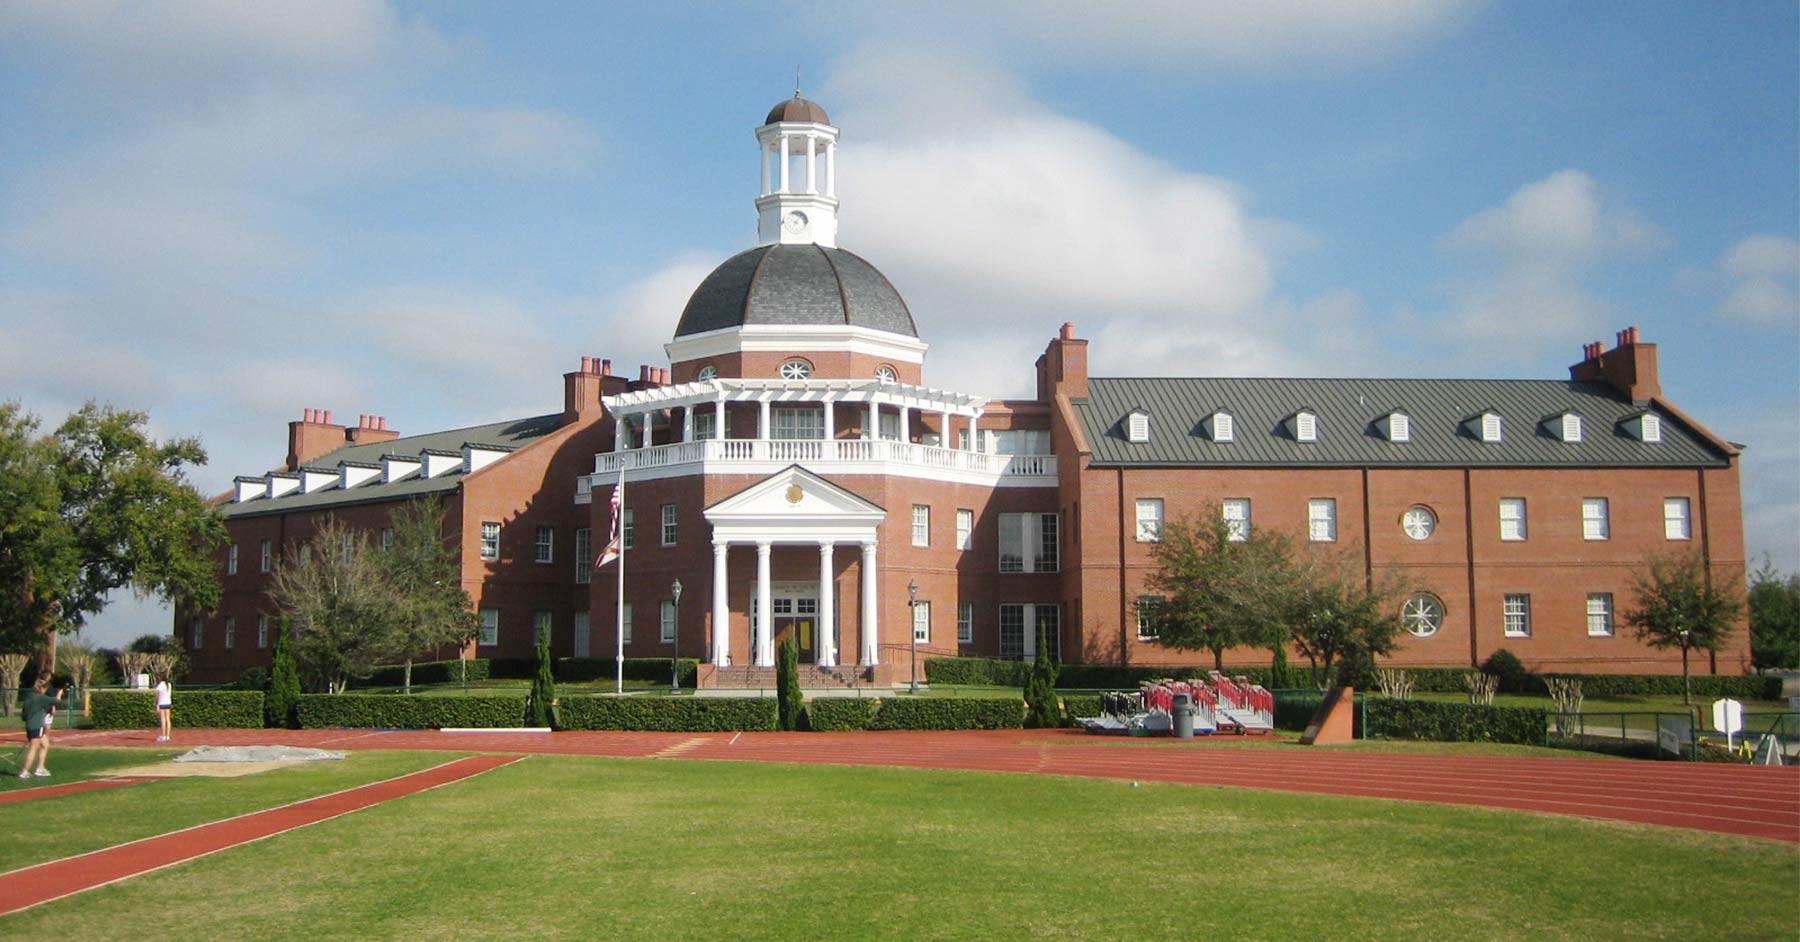 Private Student Loans >> Lake Highland Preparatory School in Orlando, FL - Niche